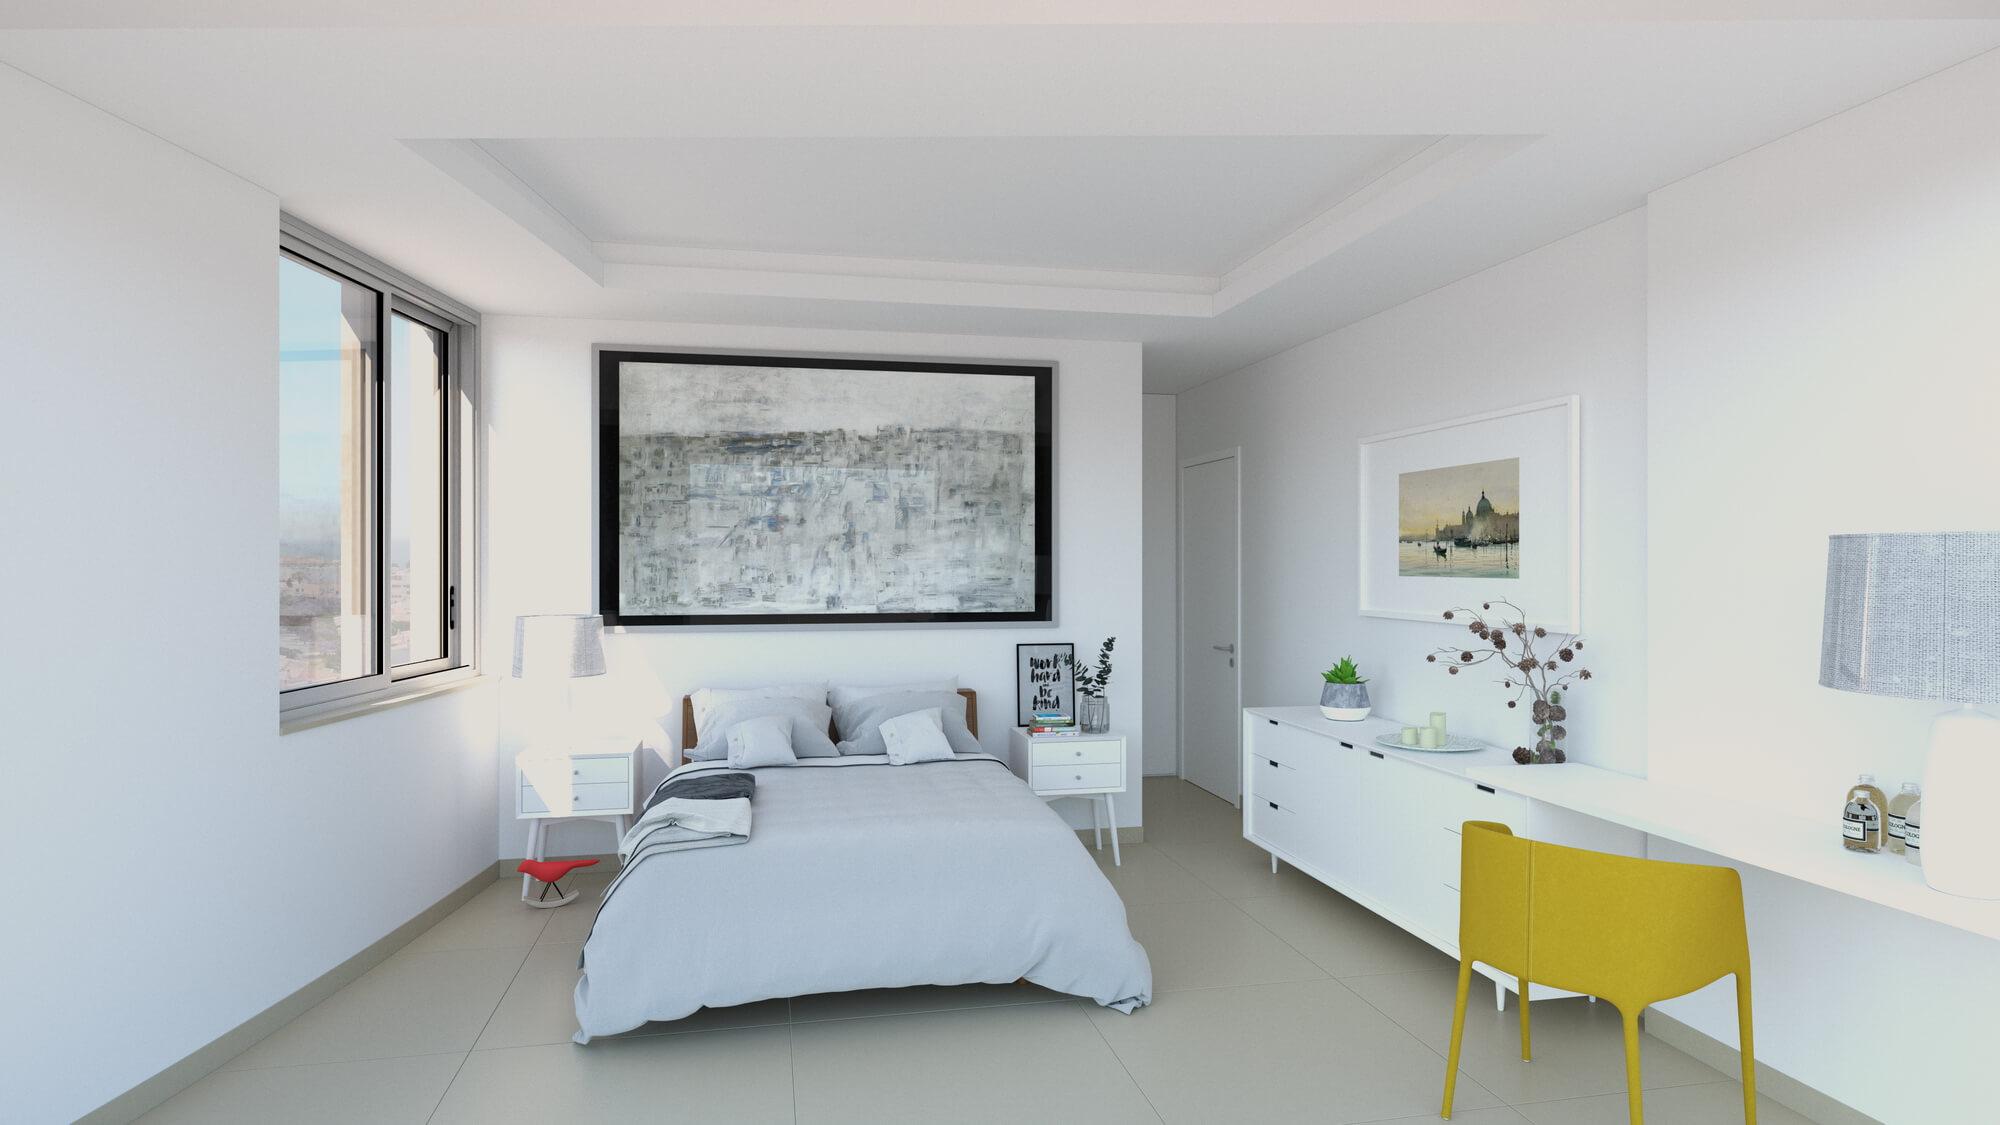 127 Moderne appartement de 2 chambres à Lagos  - Lagos